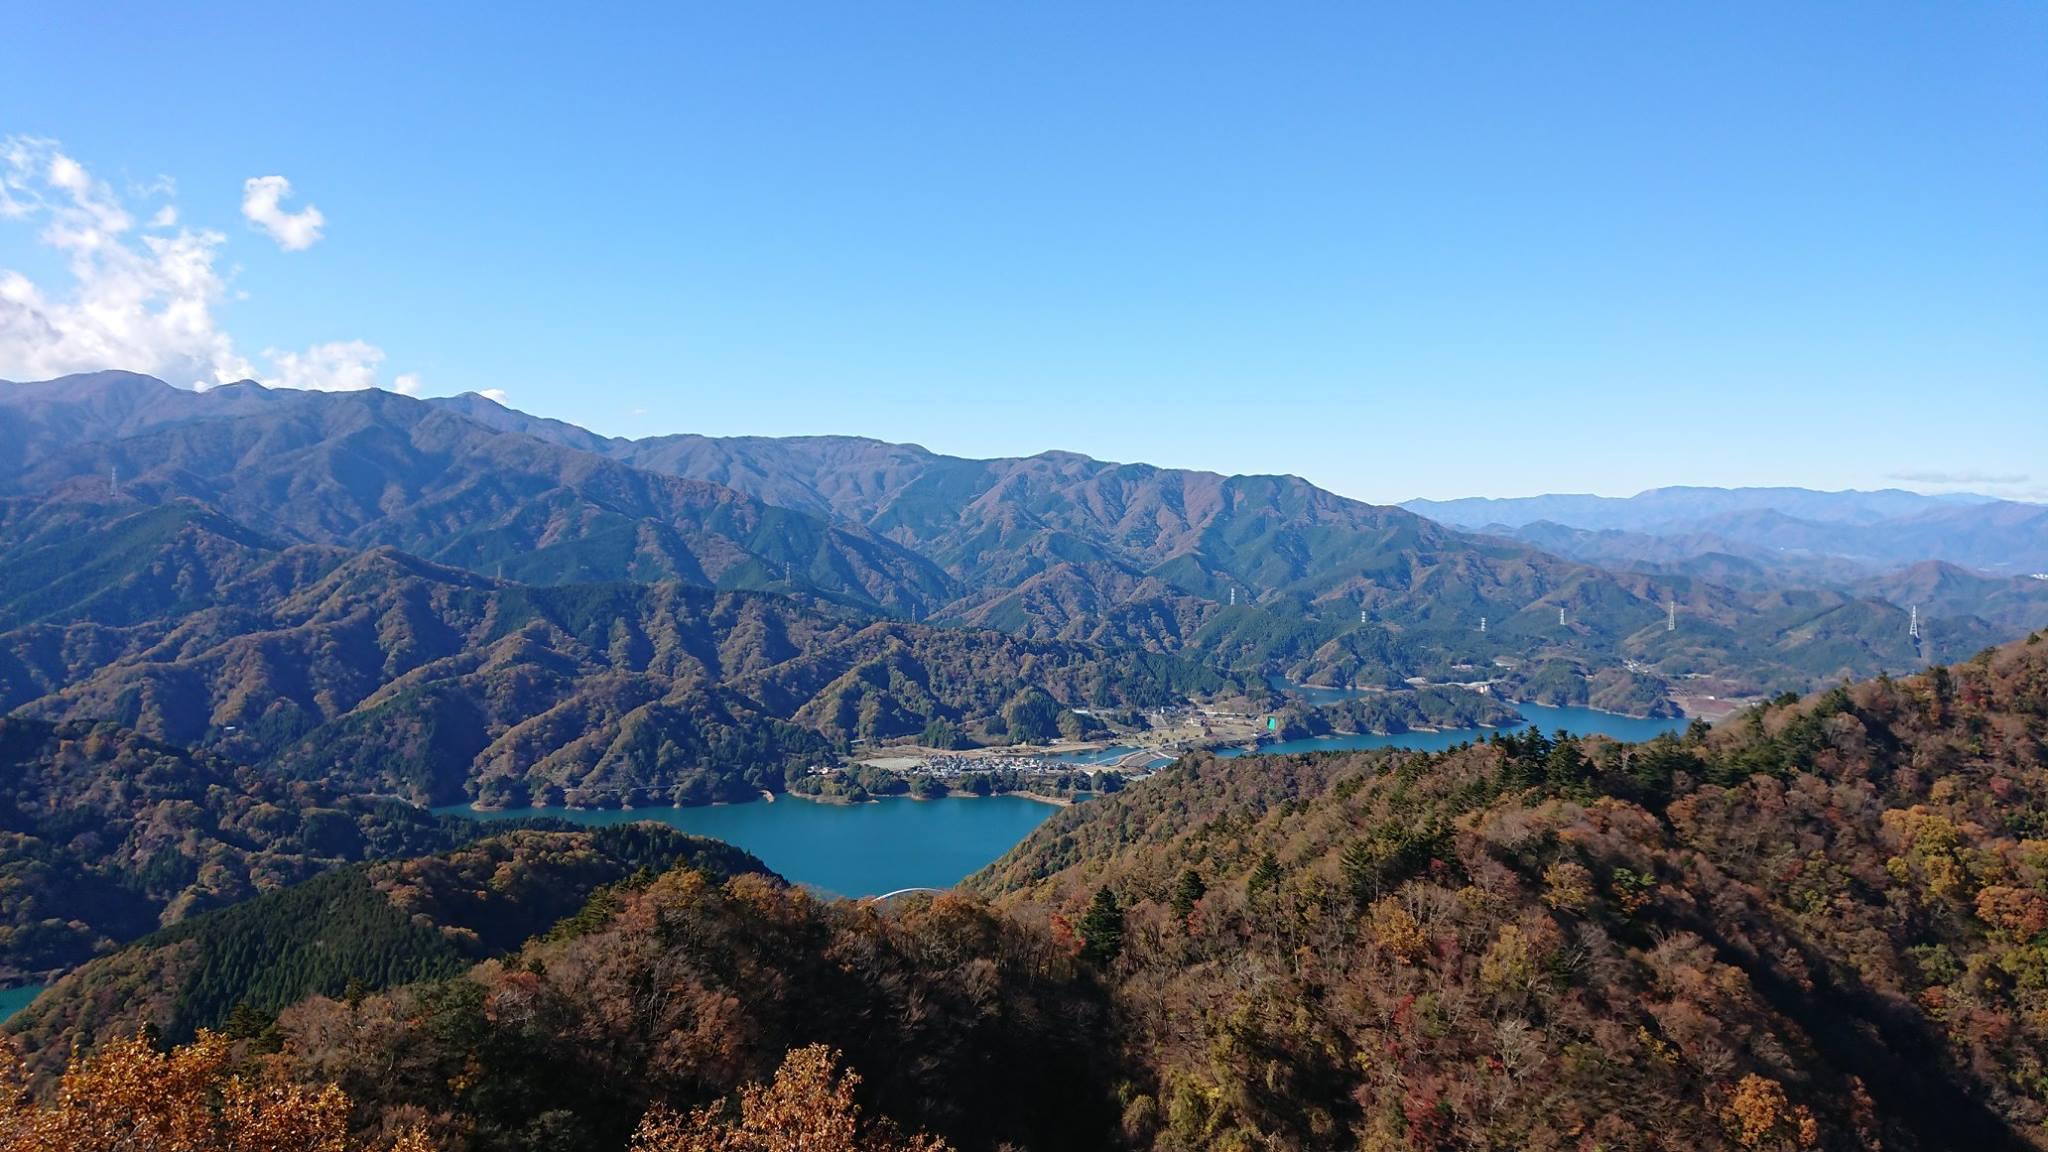 仏果山の山頂から望む眺望